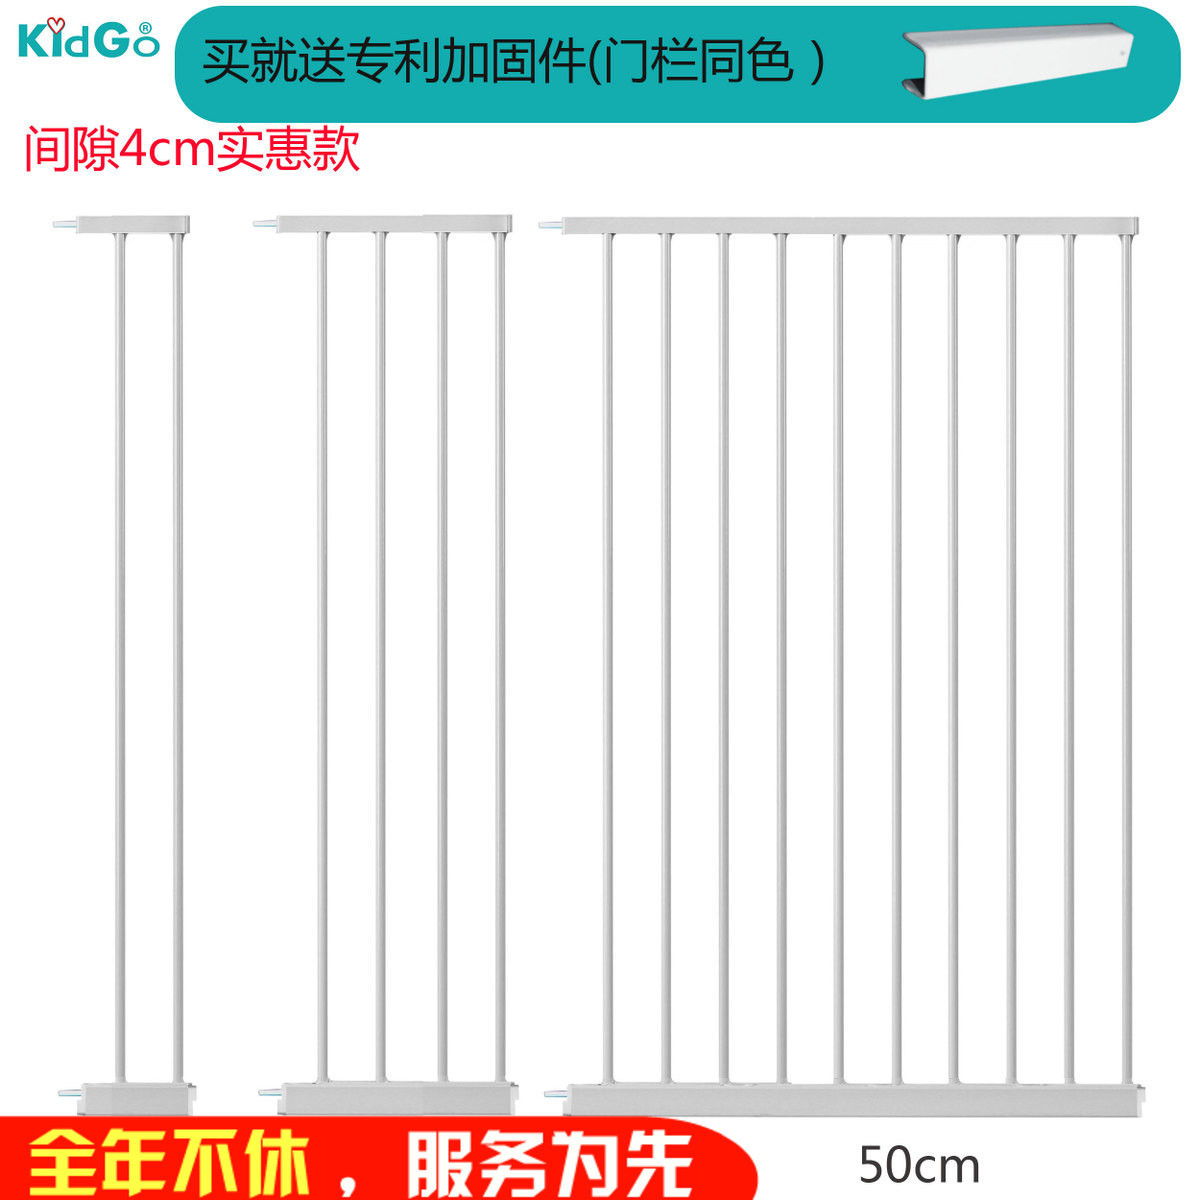 KidGo собака клетка собака забор увеличена специальный продлить модель